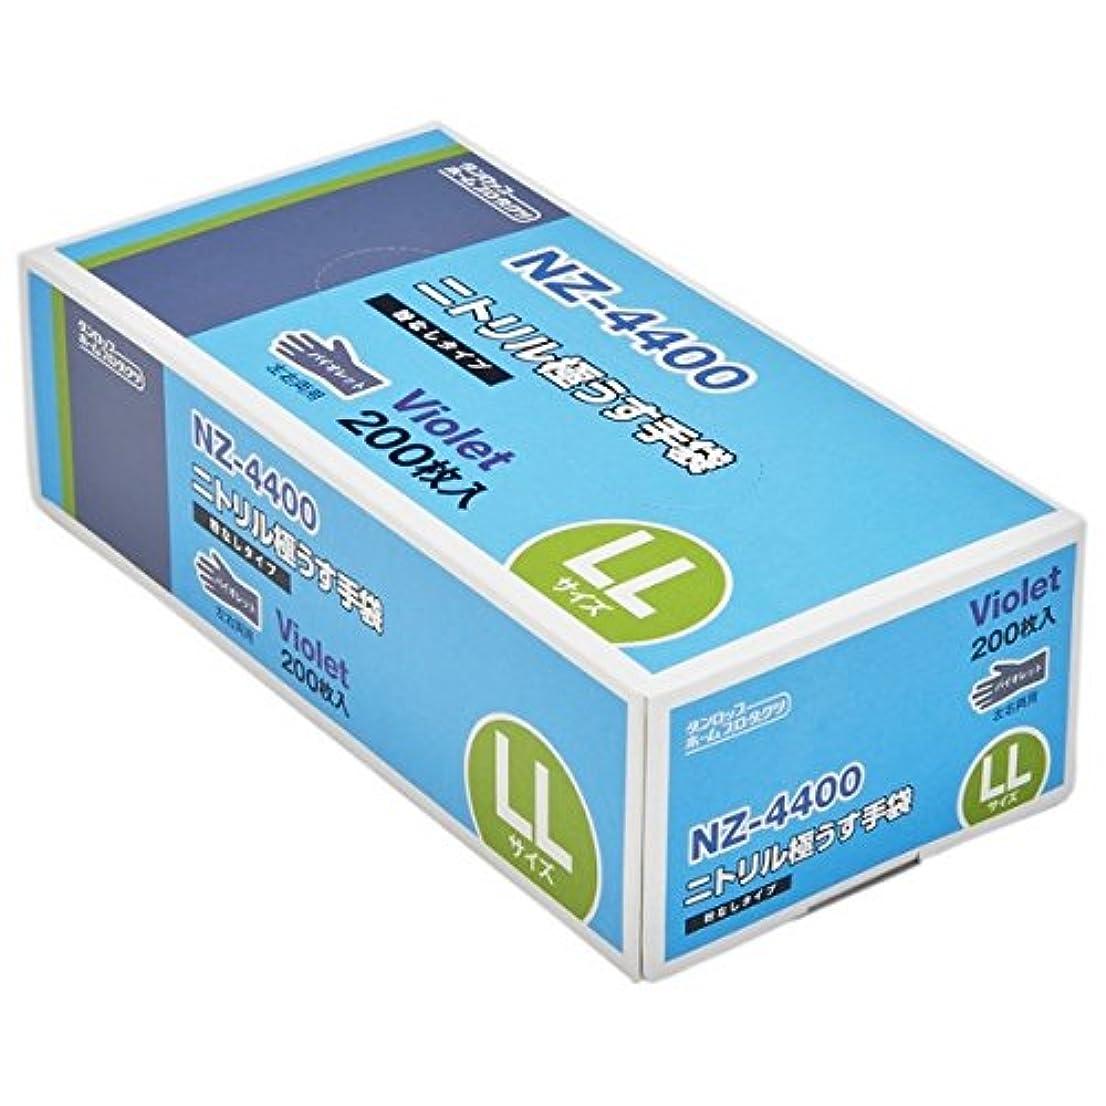 シャープやめる保険をかけるダンロップ ニトリル極うす手袋 NZ-4400 バイオレット 粉なし LLサイズ 200枚入